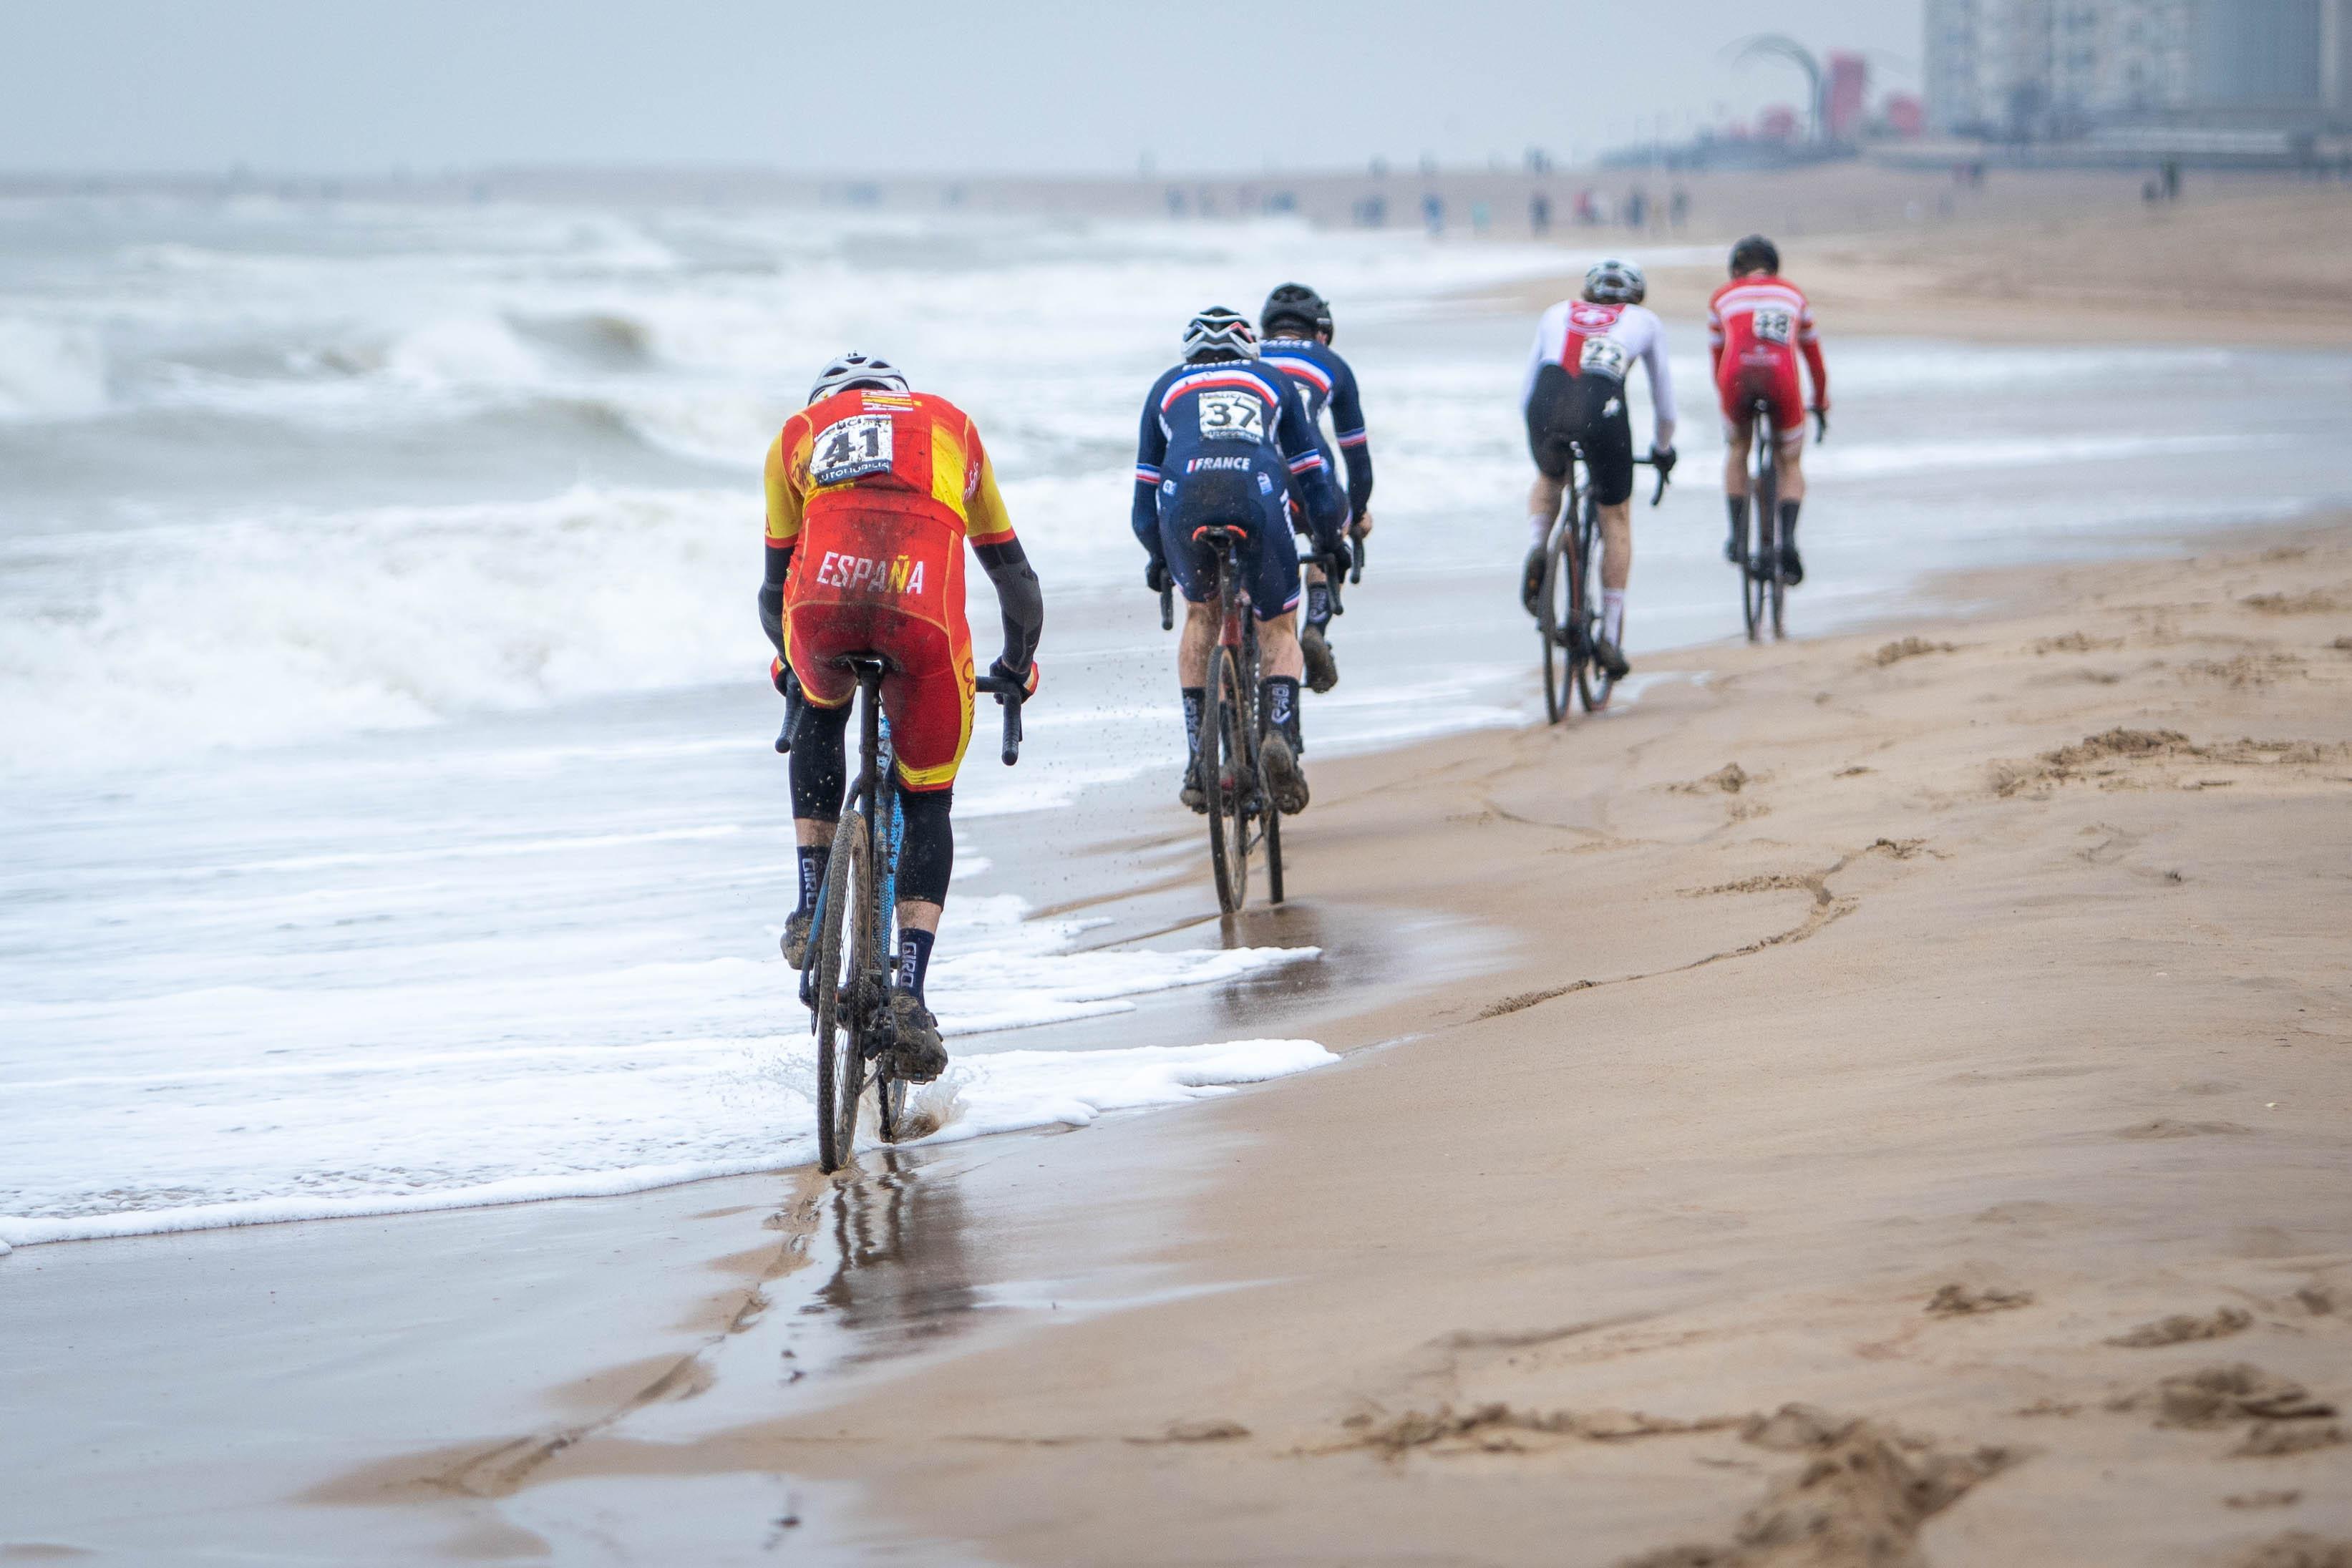 #TeamESPciclismo - Campeonato del Mundo de Ciclocross 2021 - Ostende, Bélgica (Fotos: Geoffrey Tiercelin)